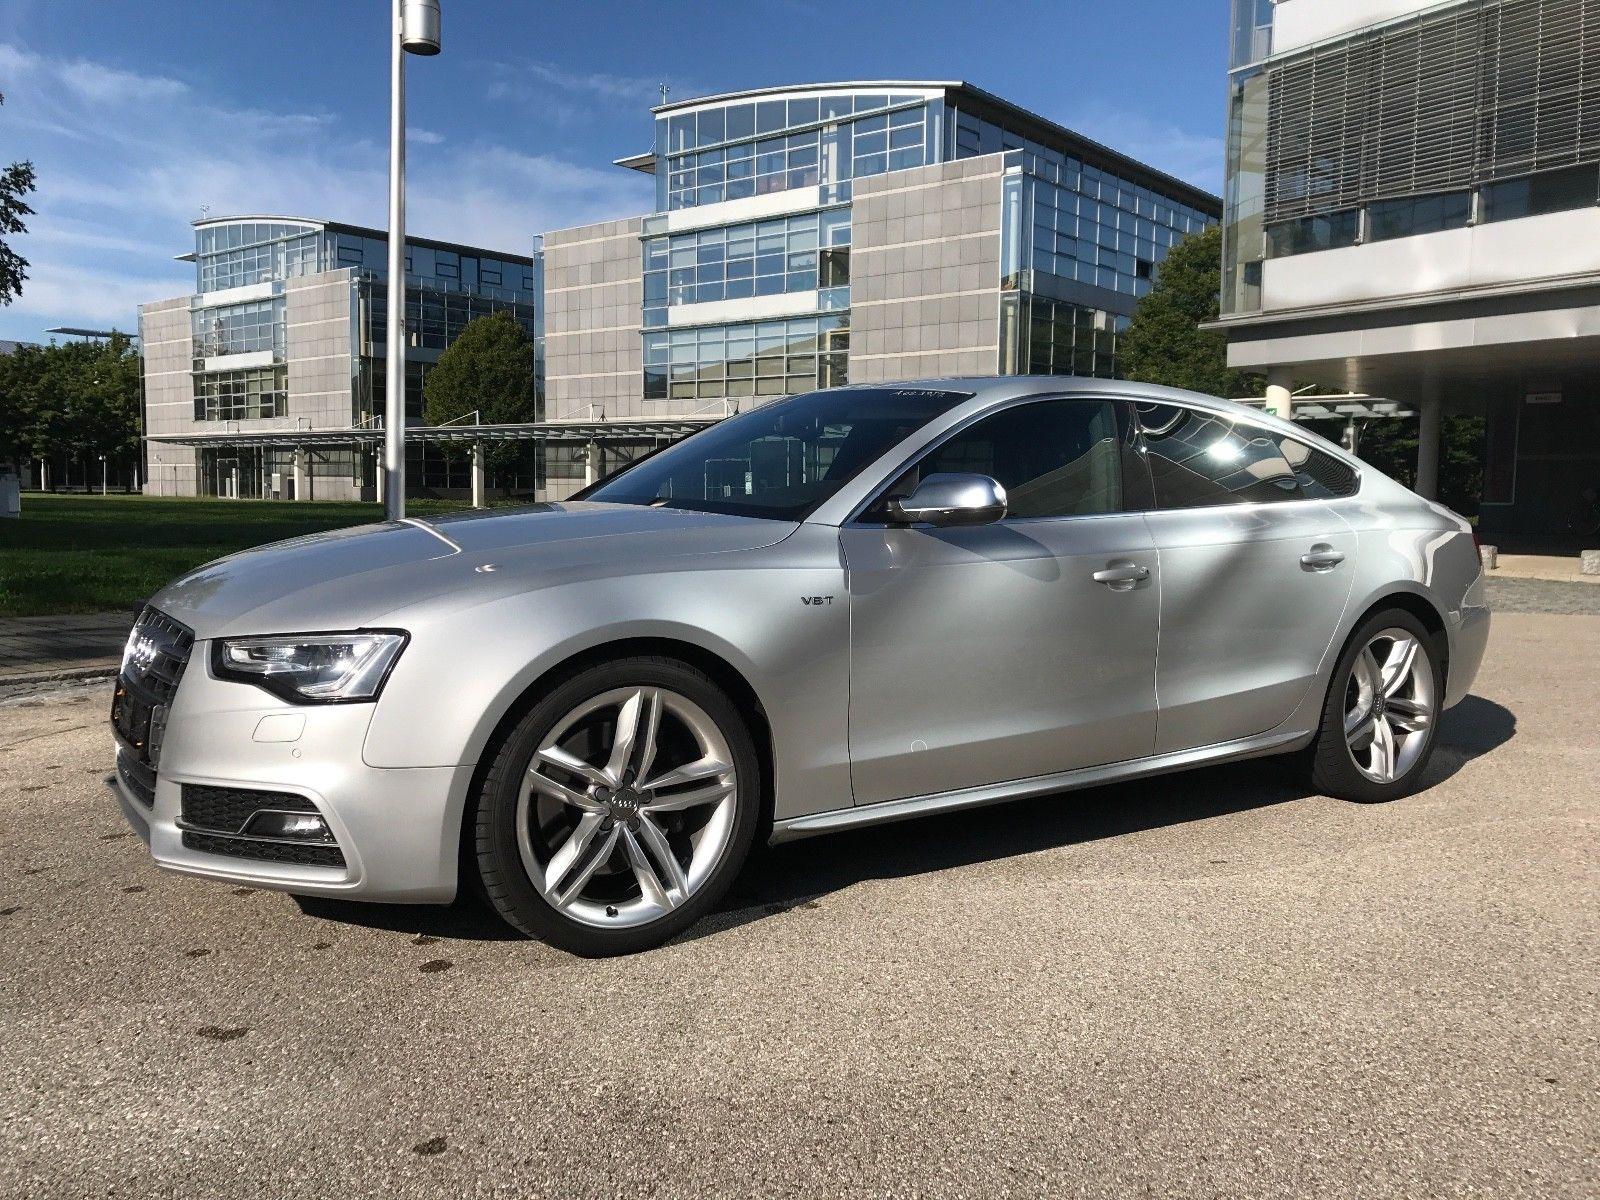 Покупка на кола от Германия - Audi S5 Sportback 2013 3.0 TFSI 333 к.с. Quattro - 33500 Evro - 06.10.2017 (2)